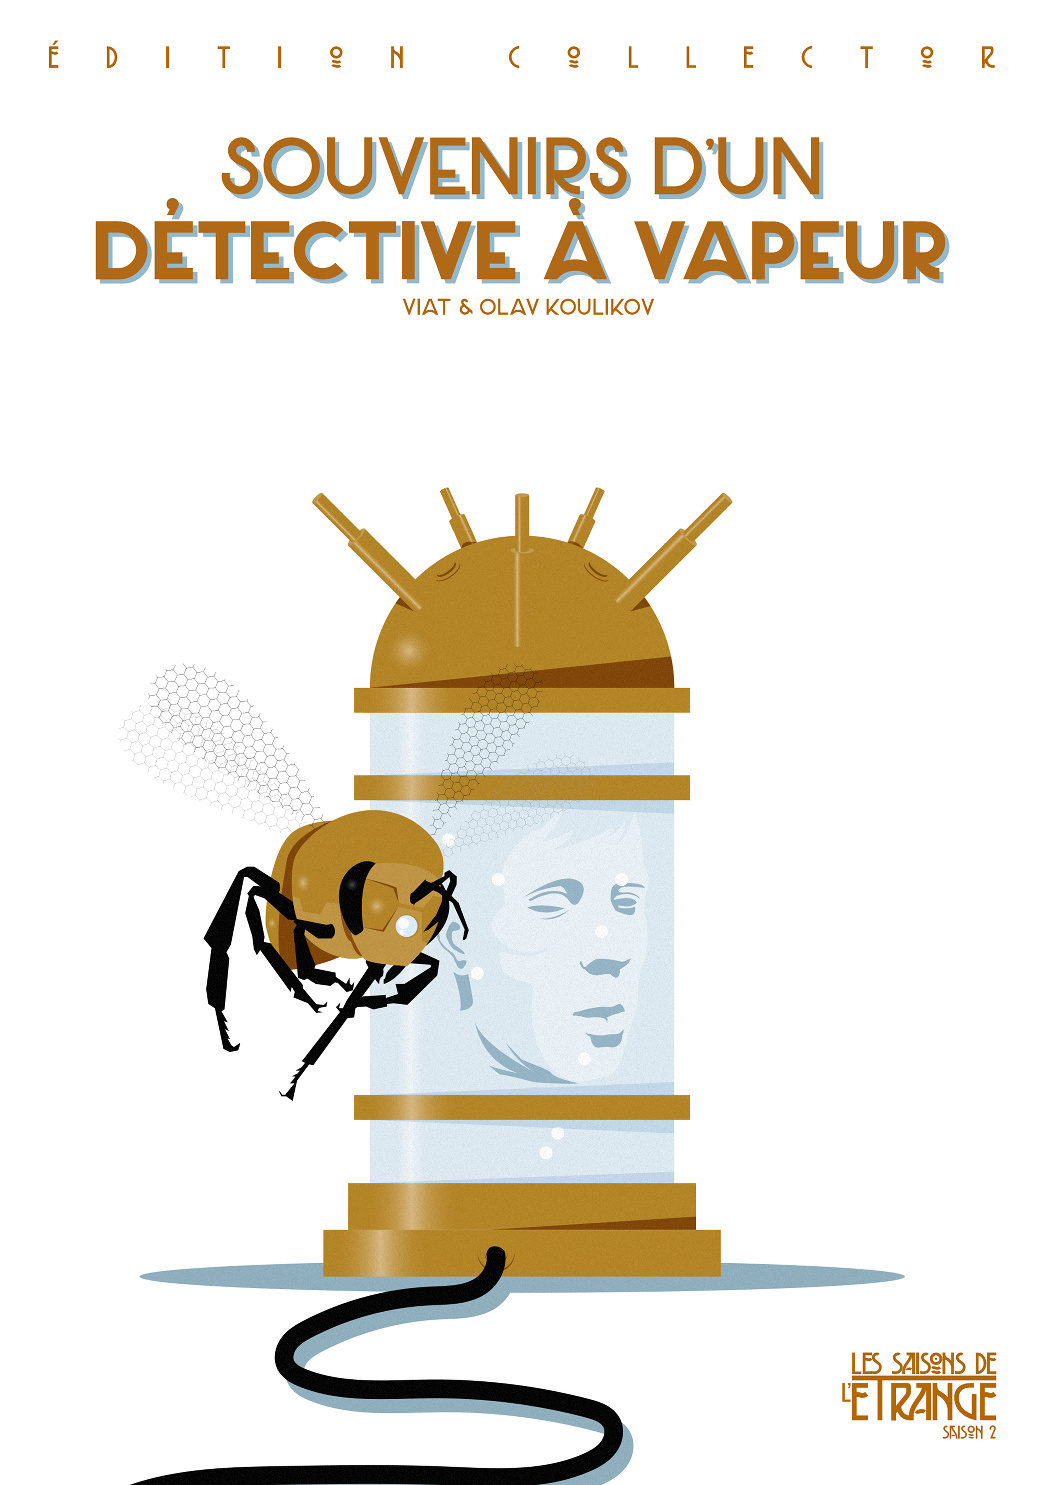 Souvenirs d'un détective à vapeur (Bodichiev) Tirage luxe